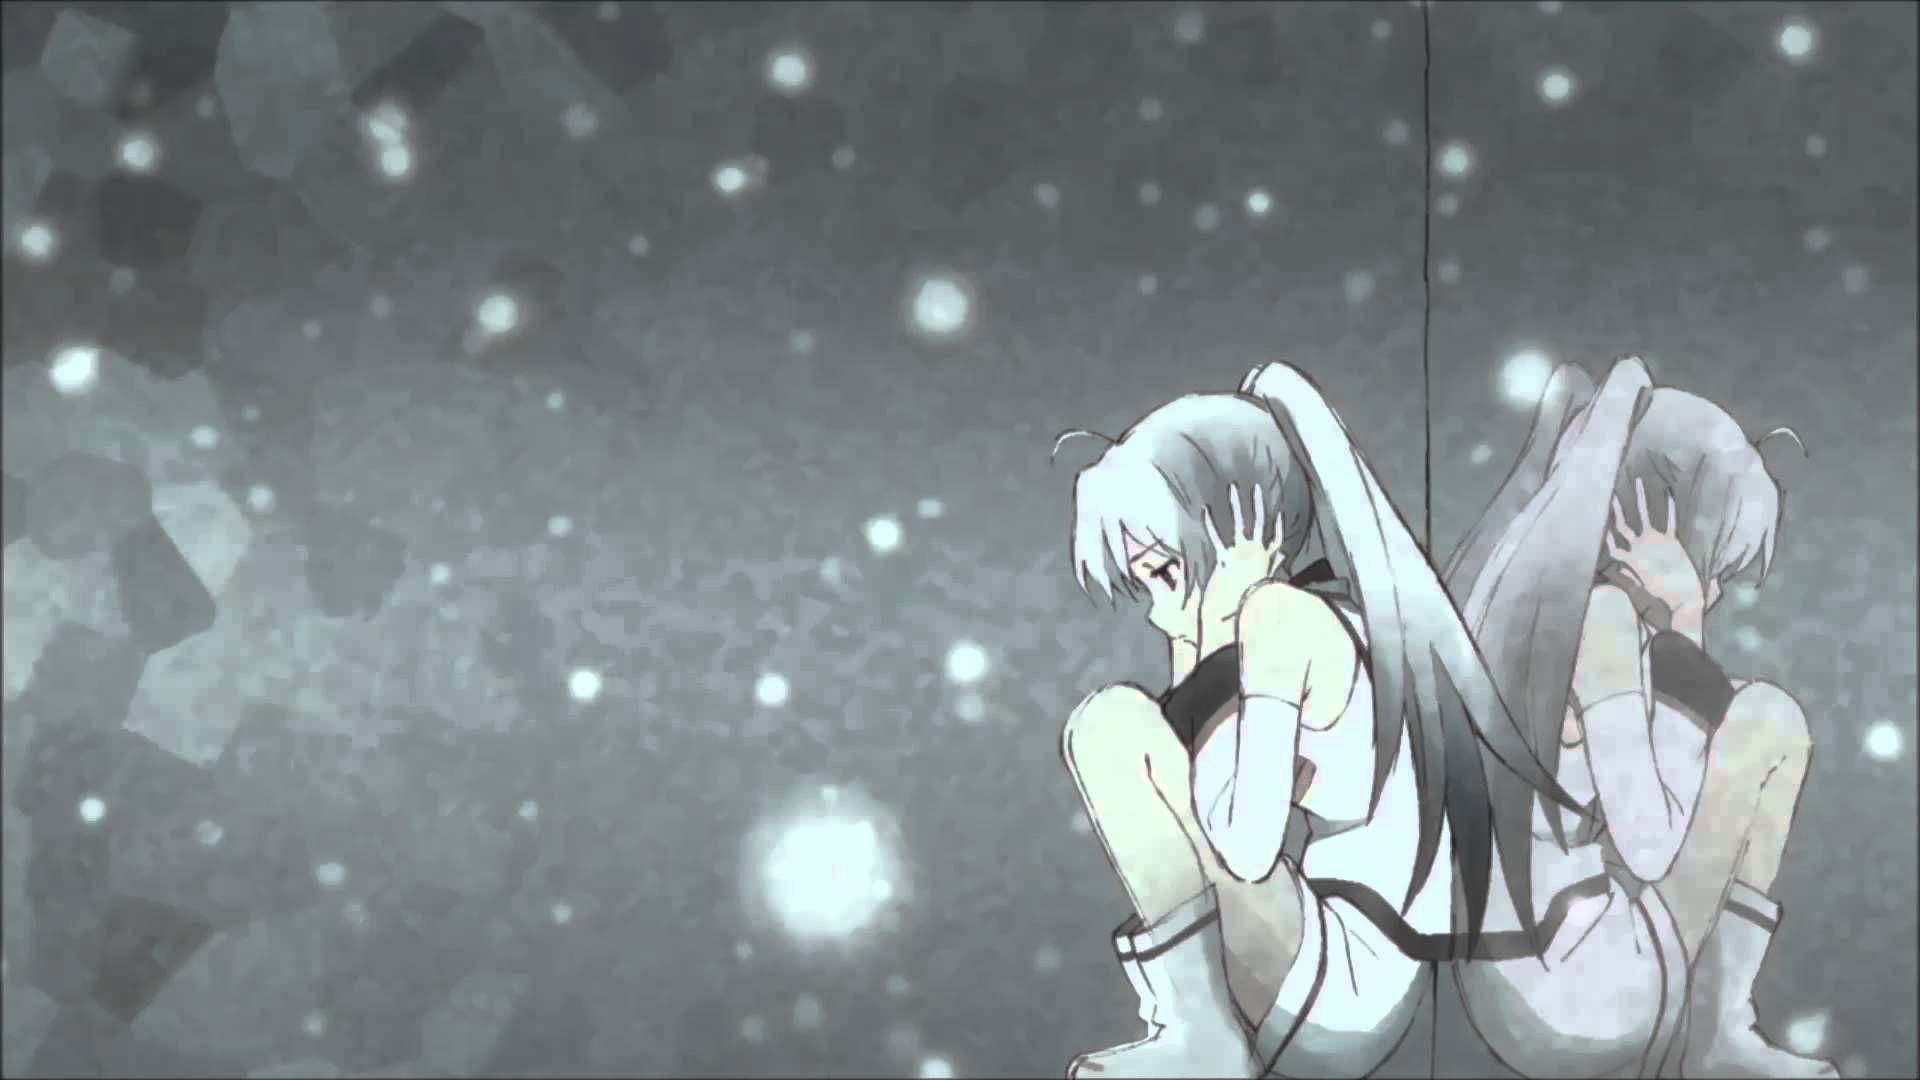 Plastic Memories Computer Wallpapers Desktop Backgrounds 1920x1080 Id 657803 Plastic Memories Memories Anime Anime